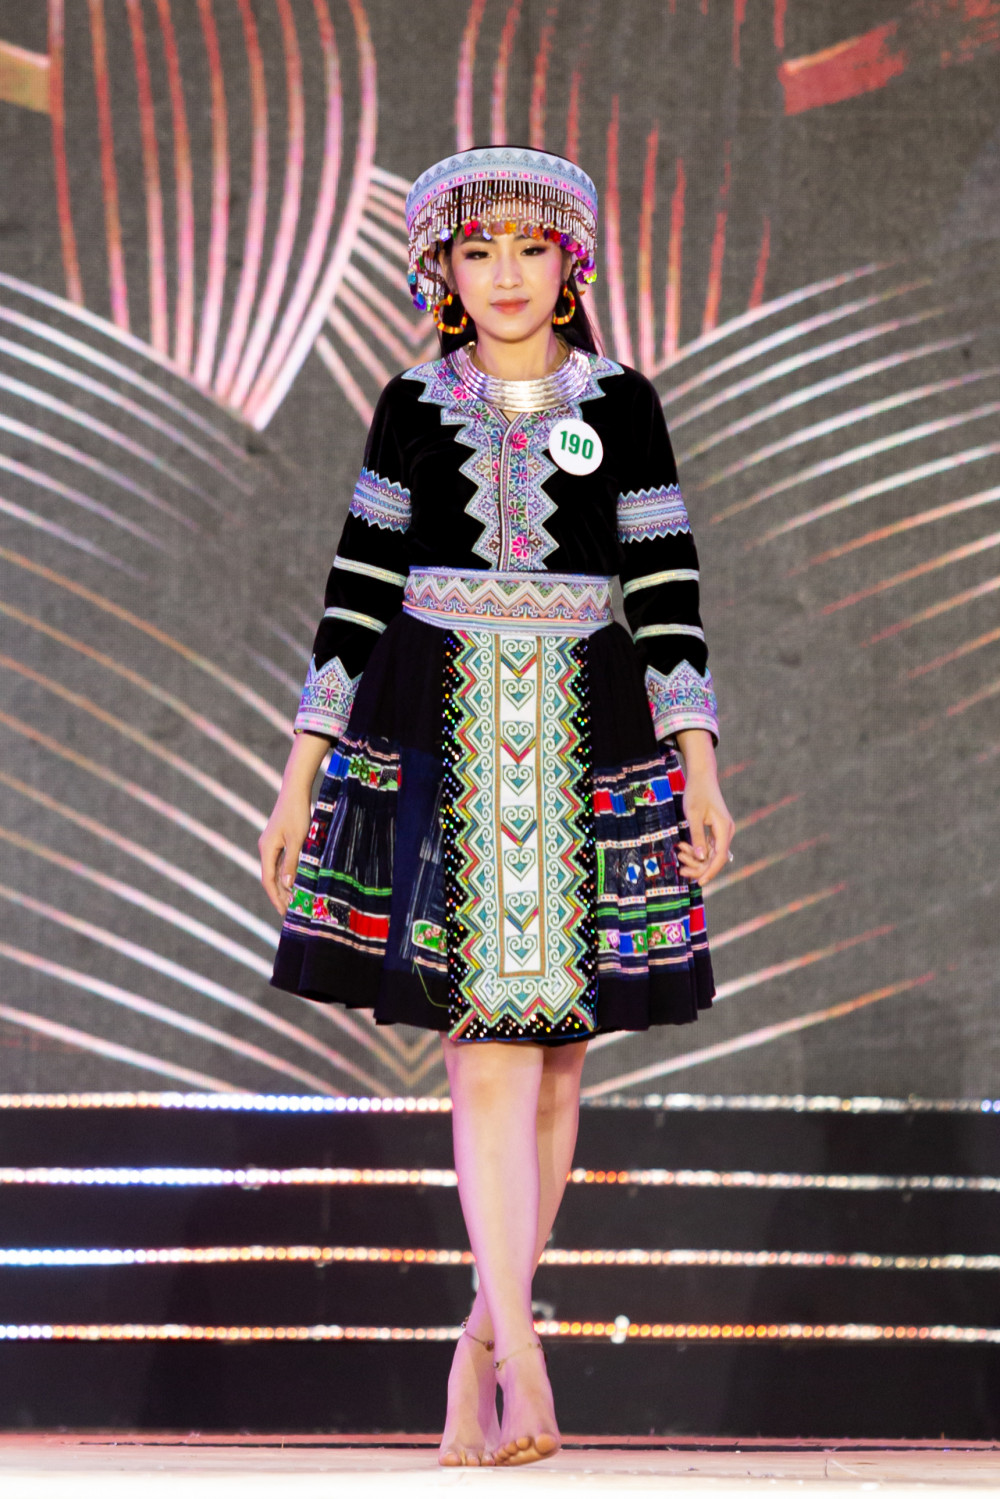 Thí sinh Đỗ Thị Ánh Như trình diễn trang phục của người Mông